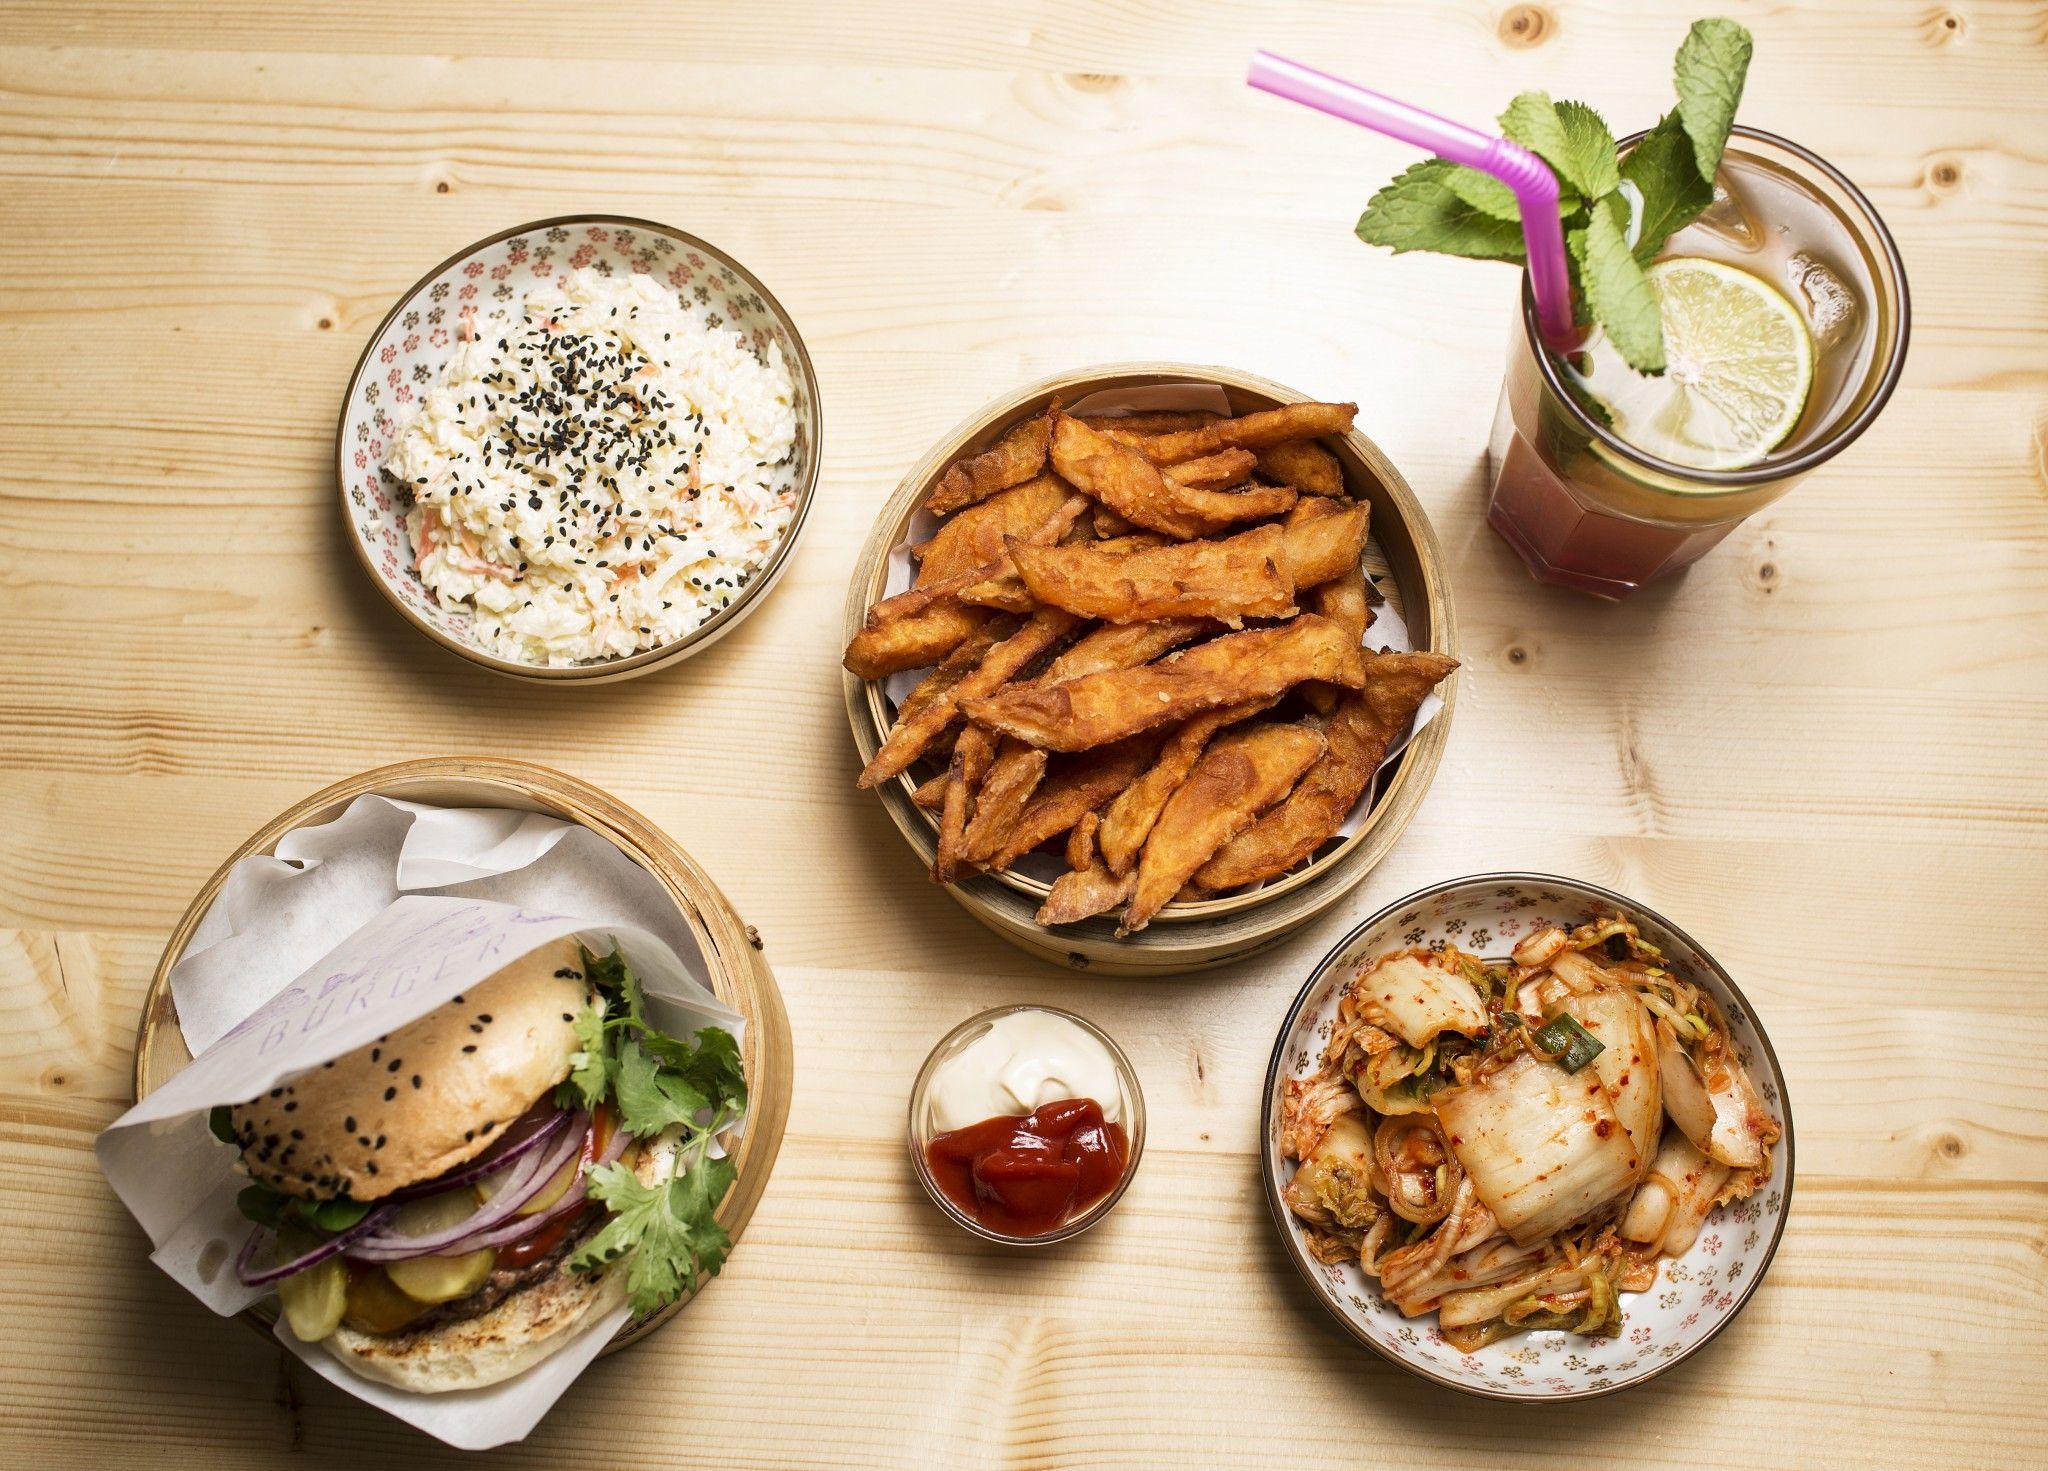 Asiatische Küche shiso burger berlin du isst gerne burger und hast eine vorliebe für